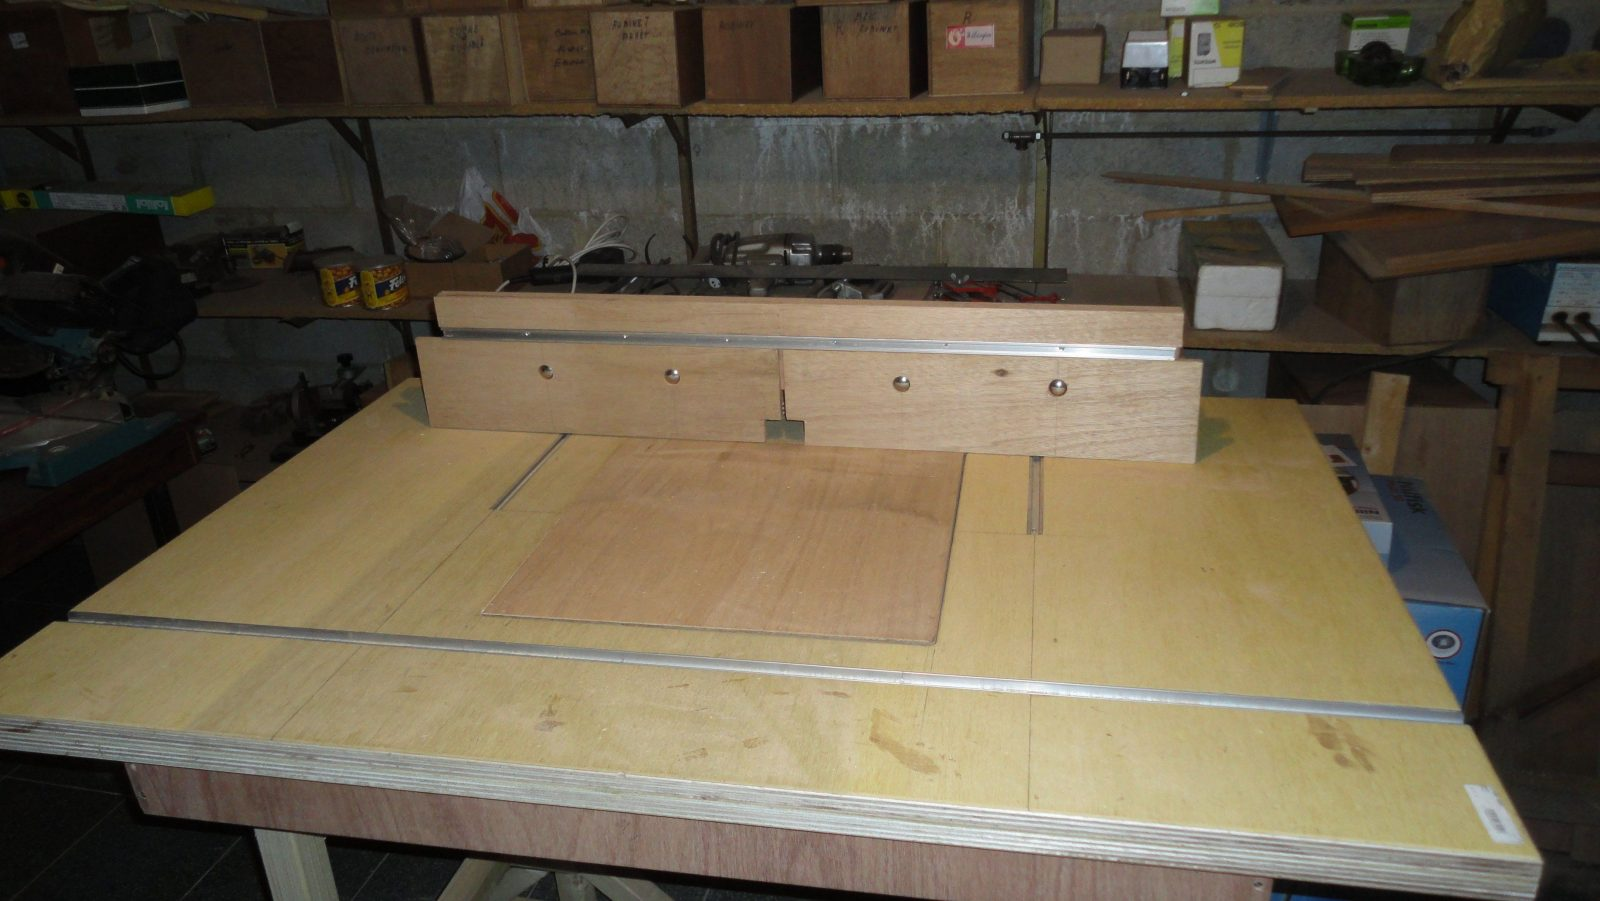 Multifunktiontisch Für Fräse Bauanleitung Zum Selber Bauen von Tisch Für Oberfräse Selber Bauen Photo